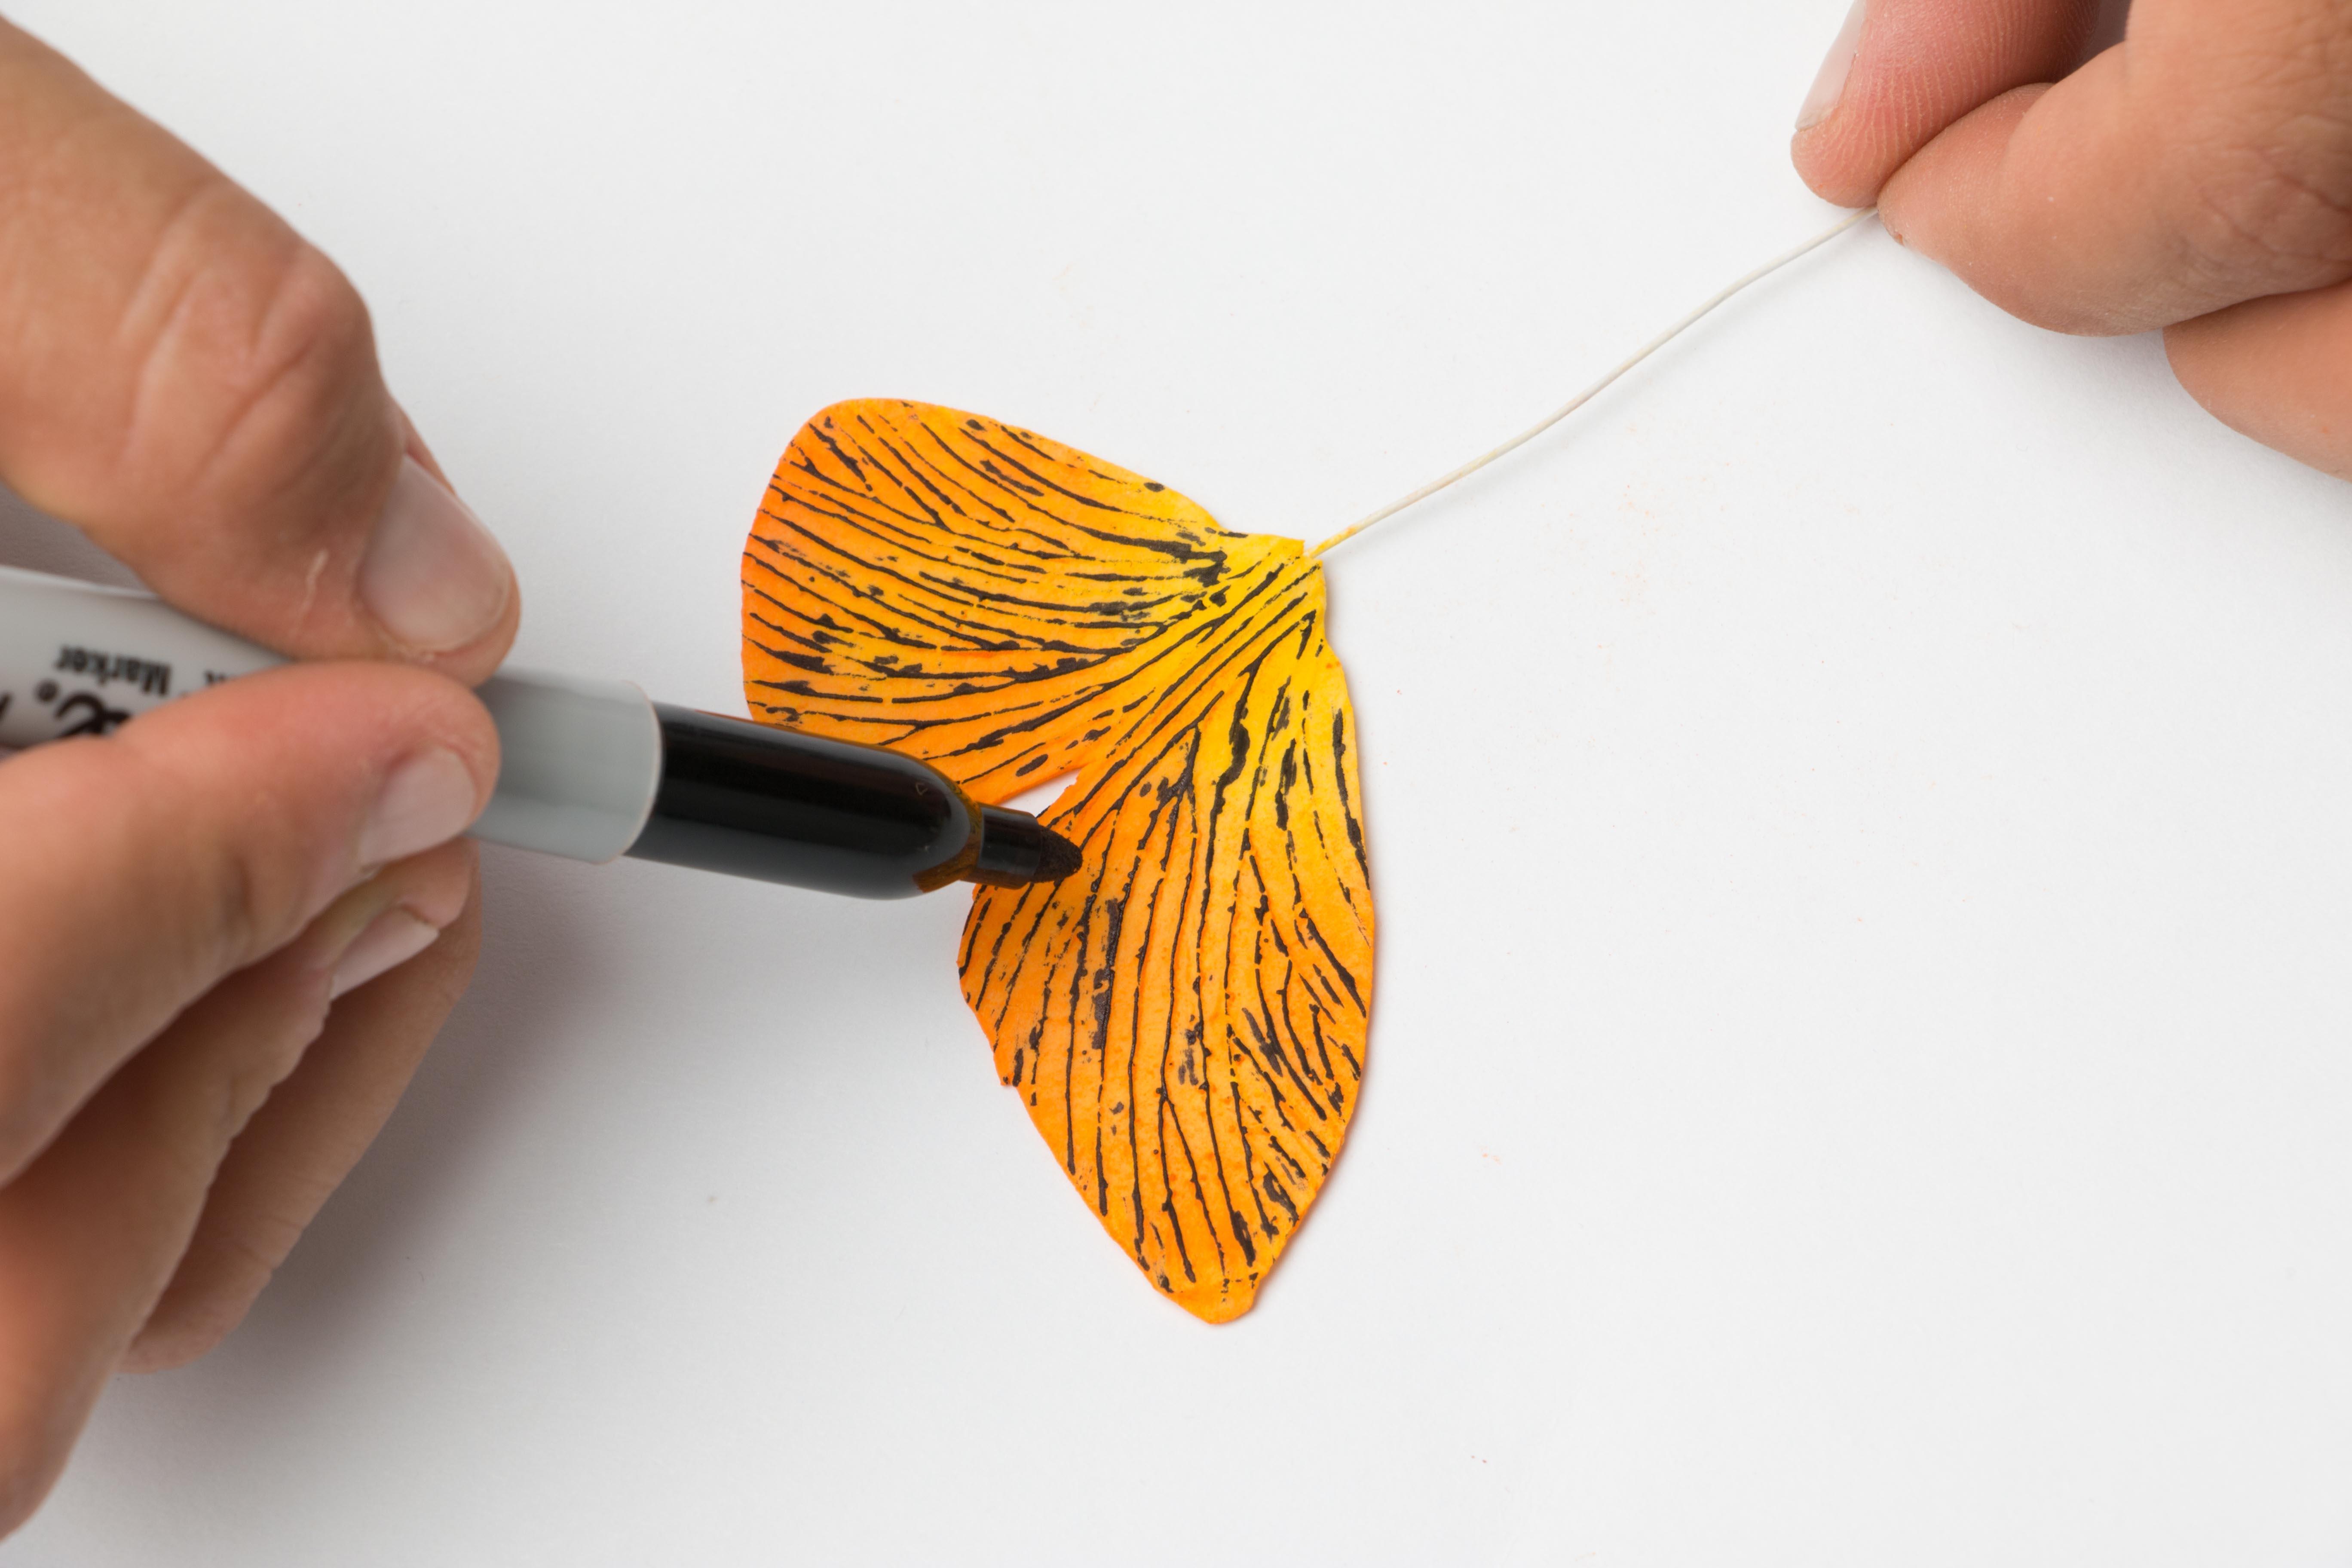 Butterfly_Tutorial_Step-16.JPG?mtime=20200708122723#asset:334719